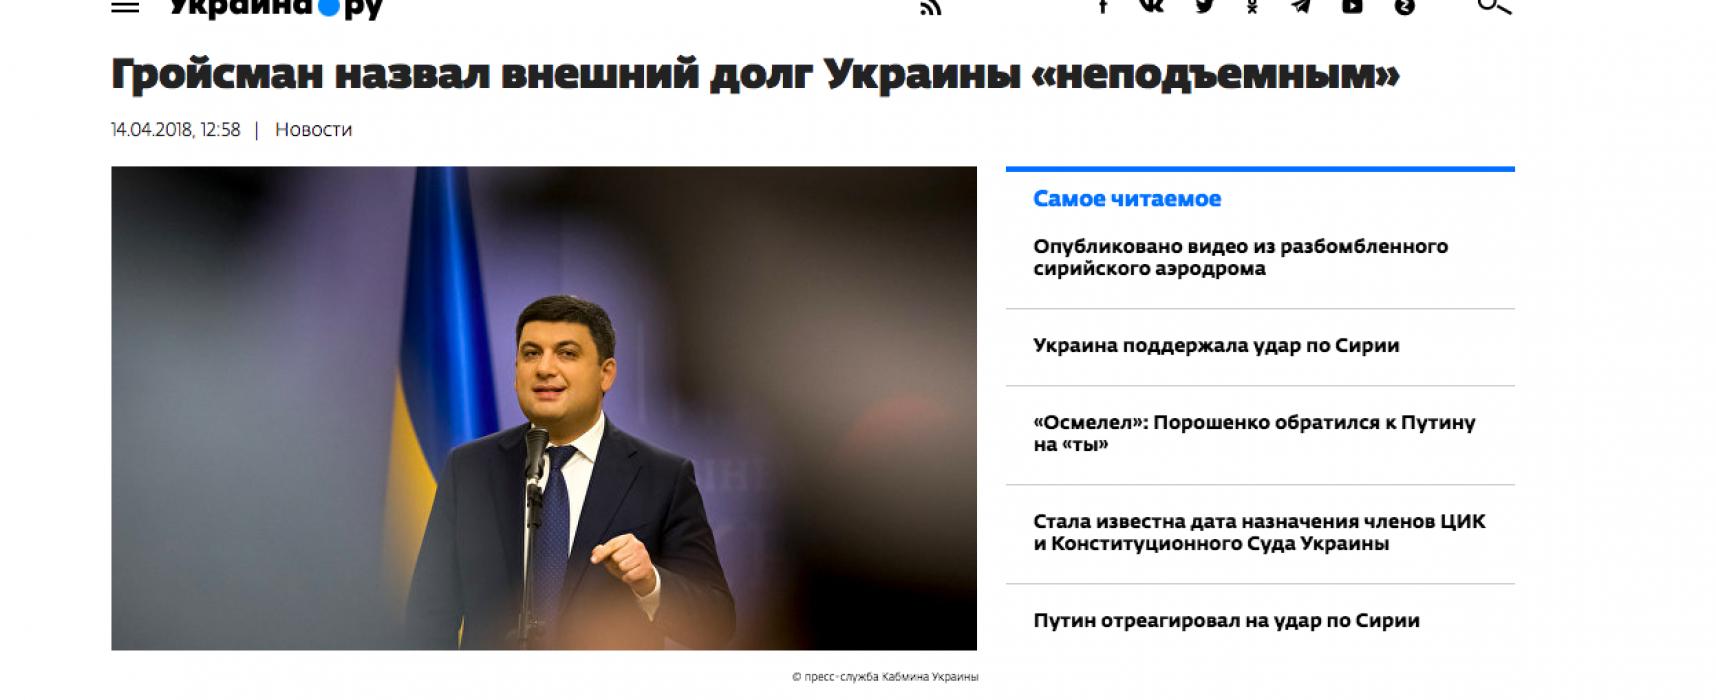 Манипуляция: Госдолг Украины достиг «неподъемной суммы»